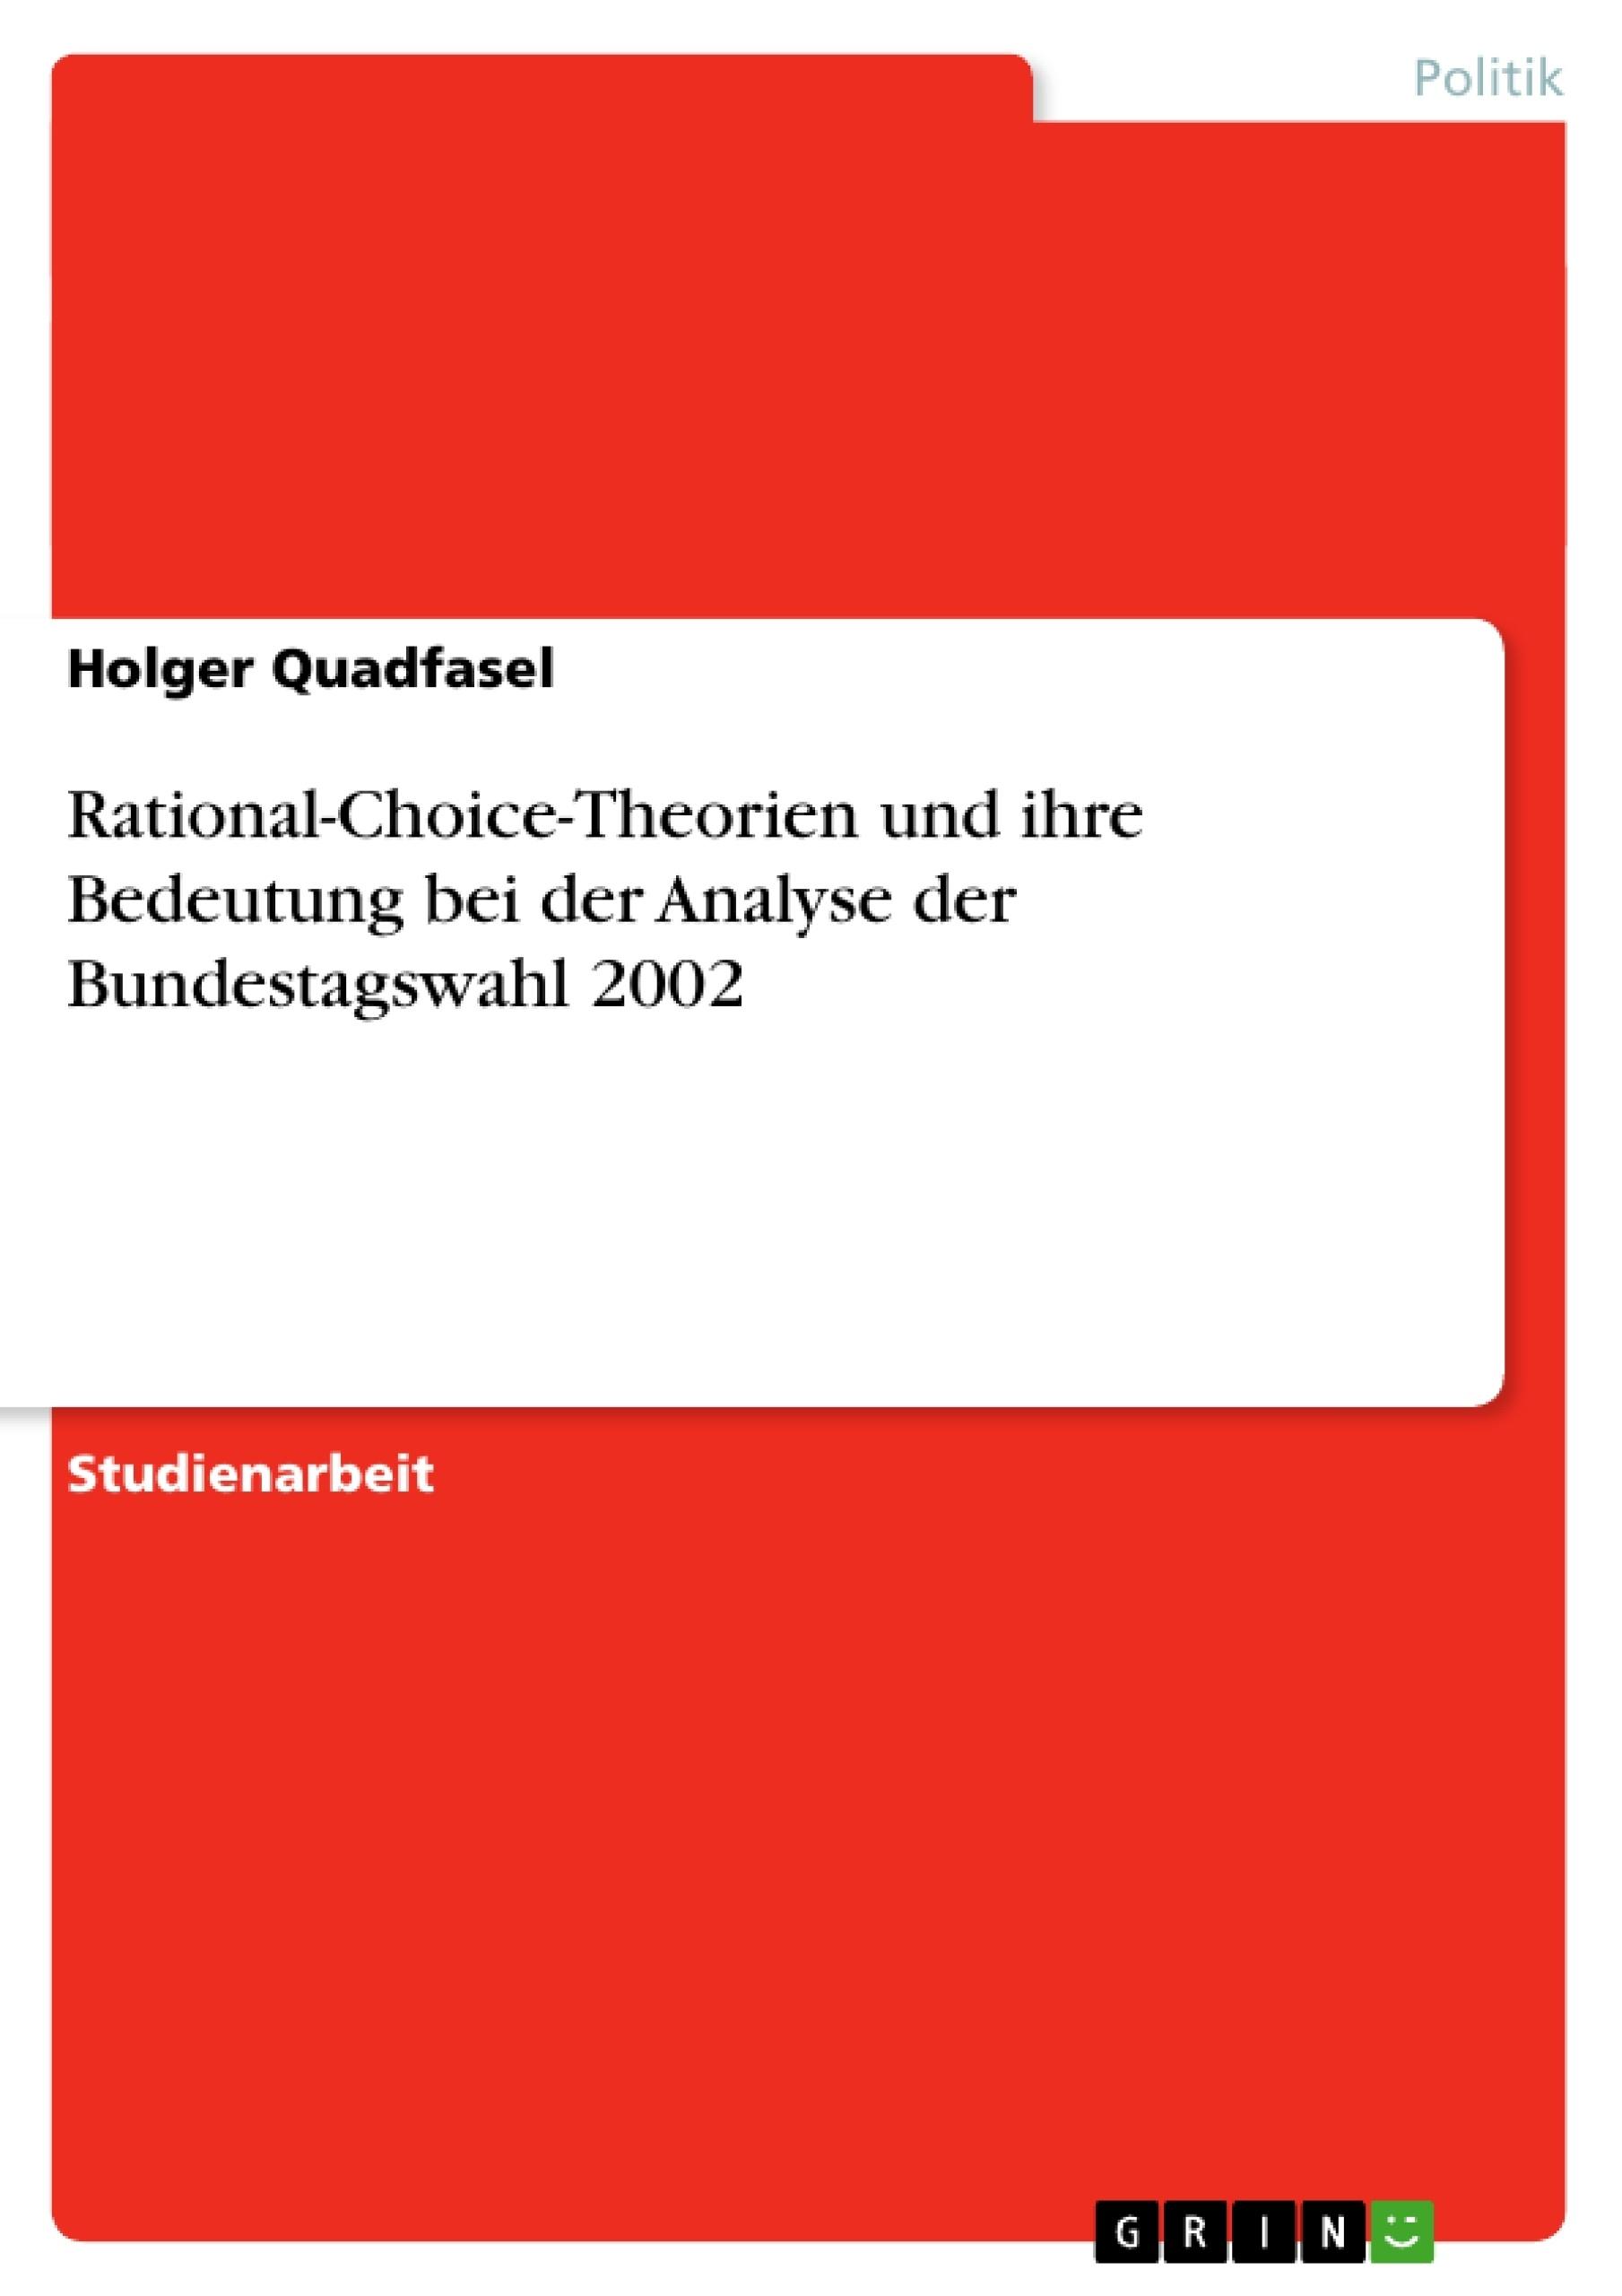 Titel: Rational-Choice-Theorien und ihre Bedeutung bei der Analyse der Bundestagswahl 2002